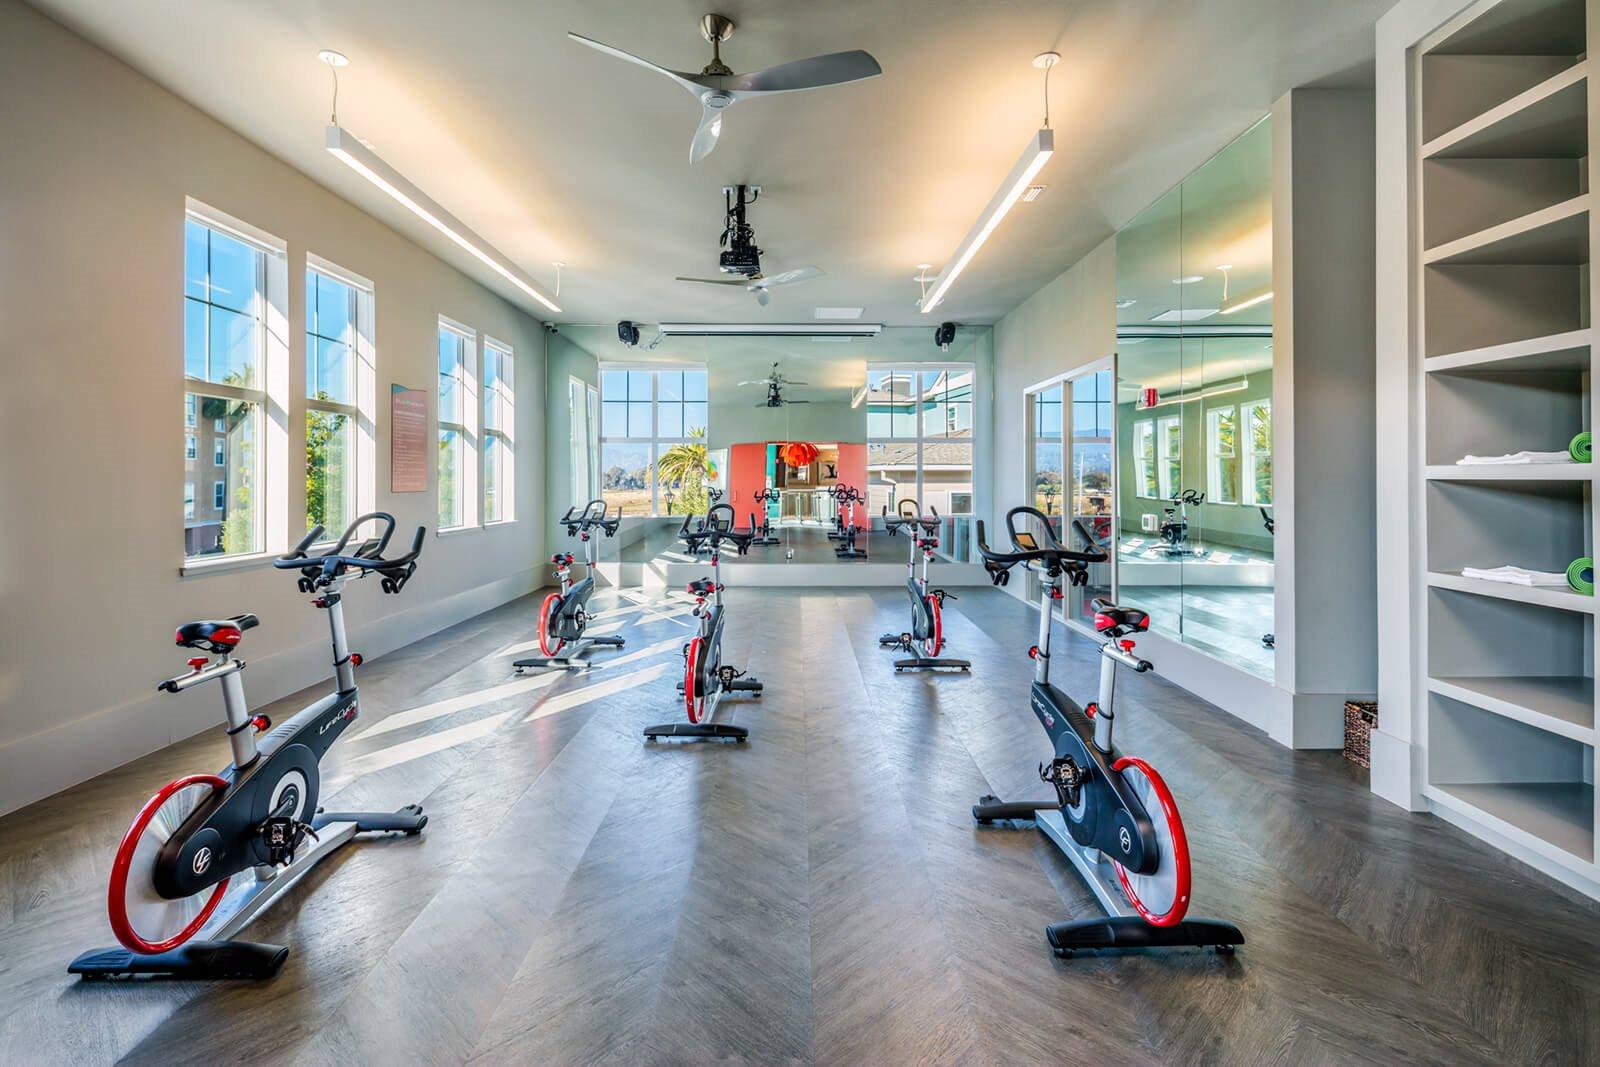 Spin & Yoga Studio at Blu Harbor by Windsor, 1 Blu Harbor Blvd, CA